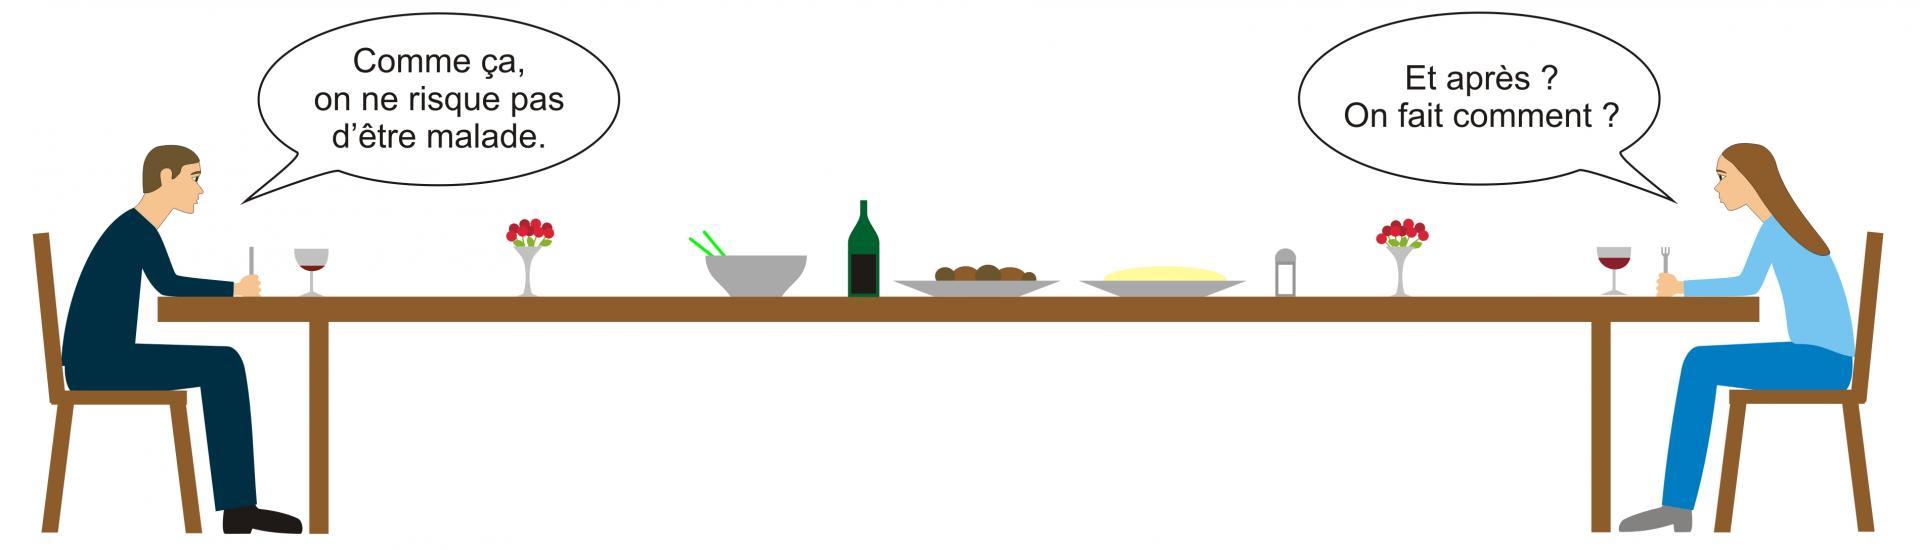 Distance a table et apres 1